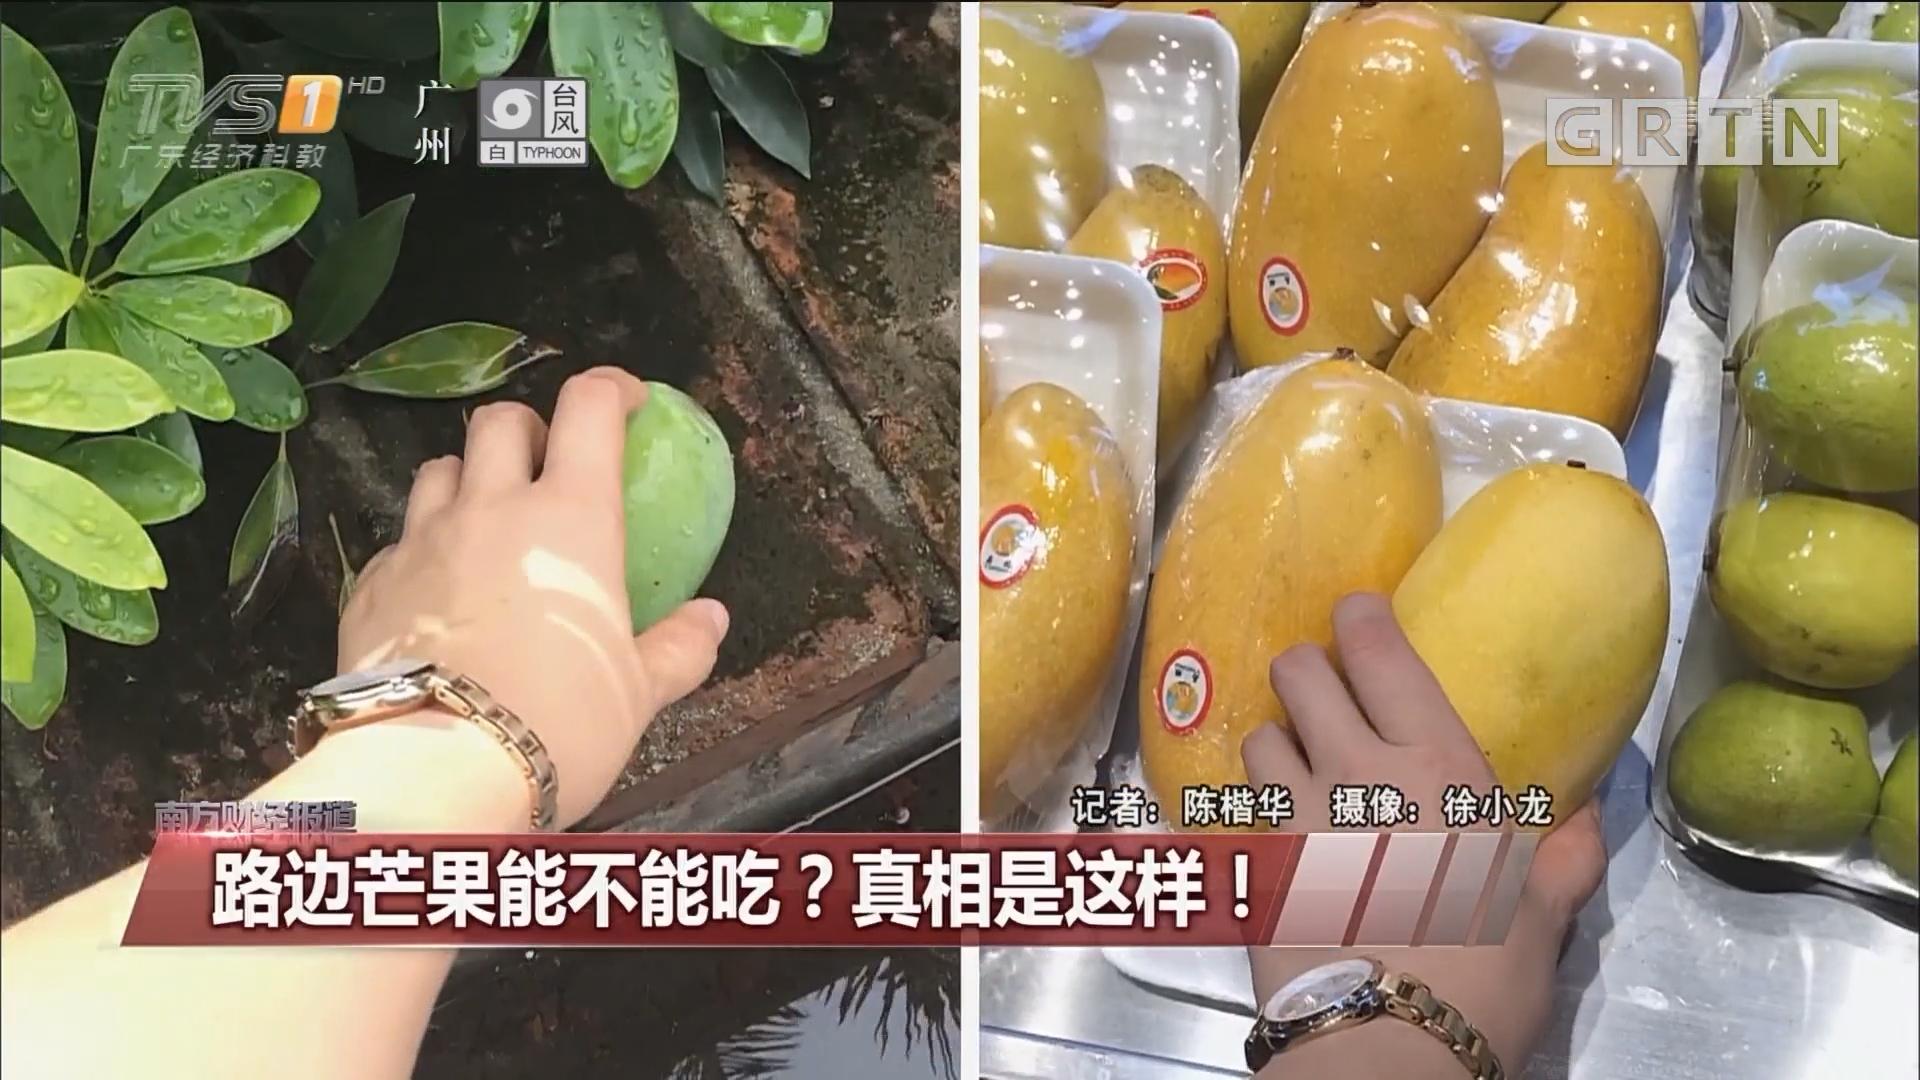 路边芒果能不能吃?真相是这样!